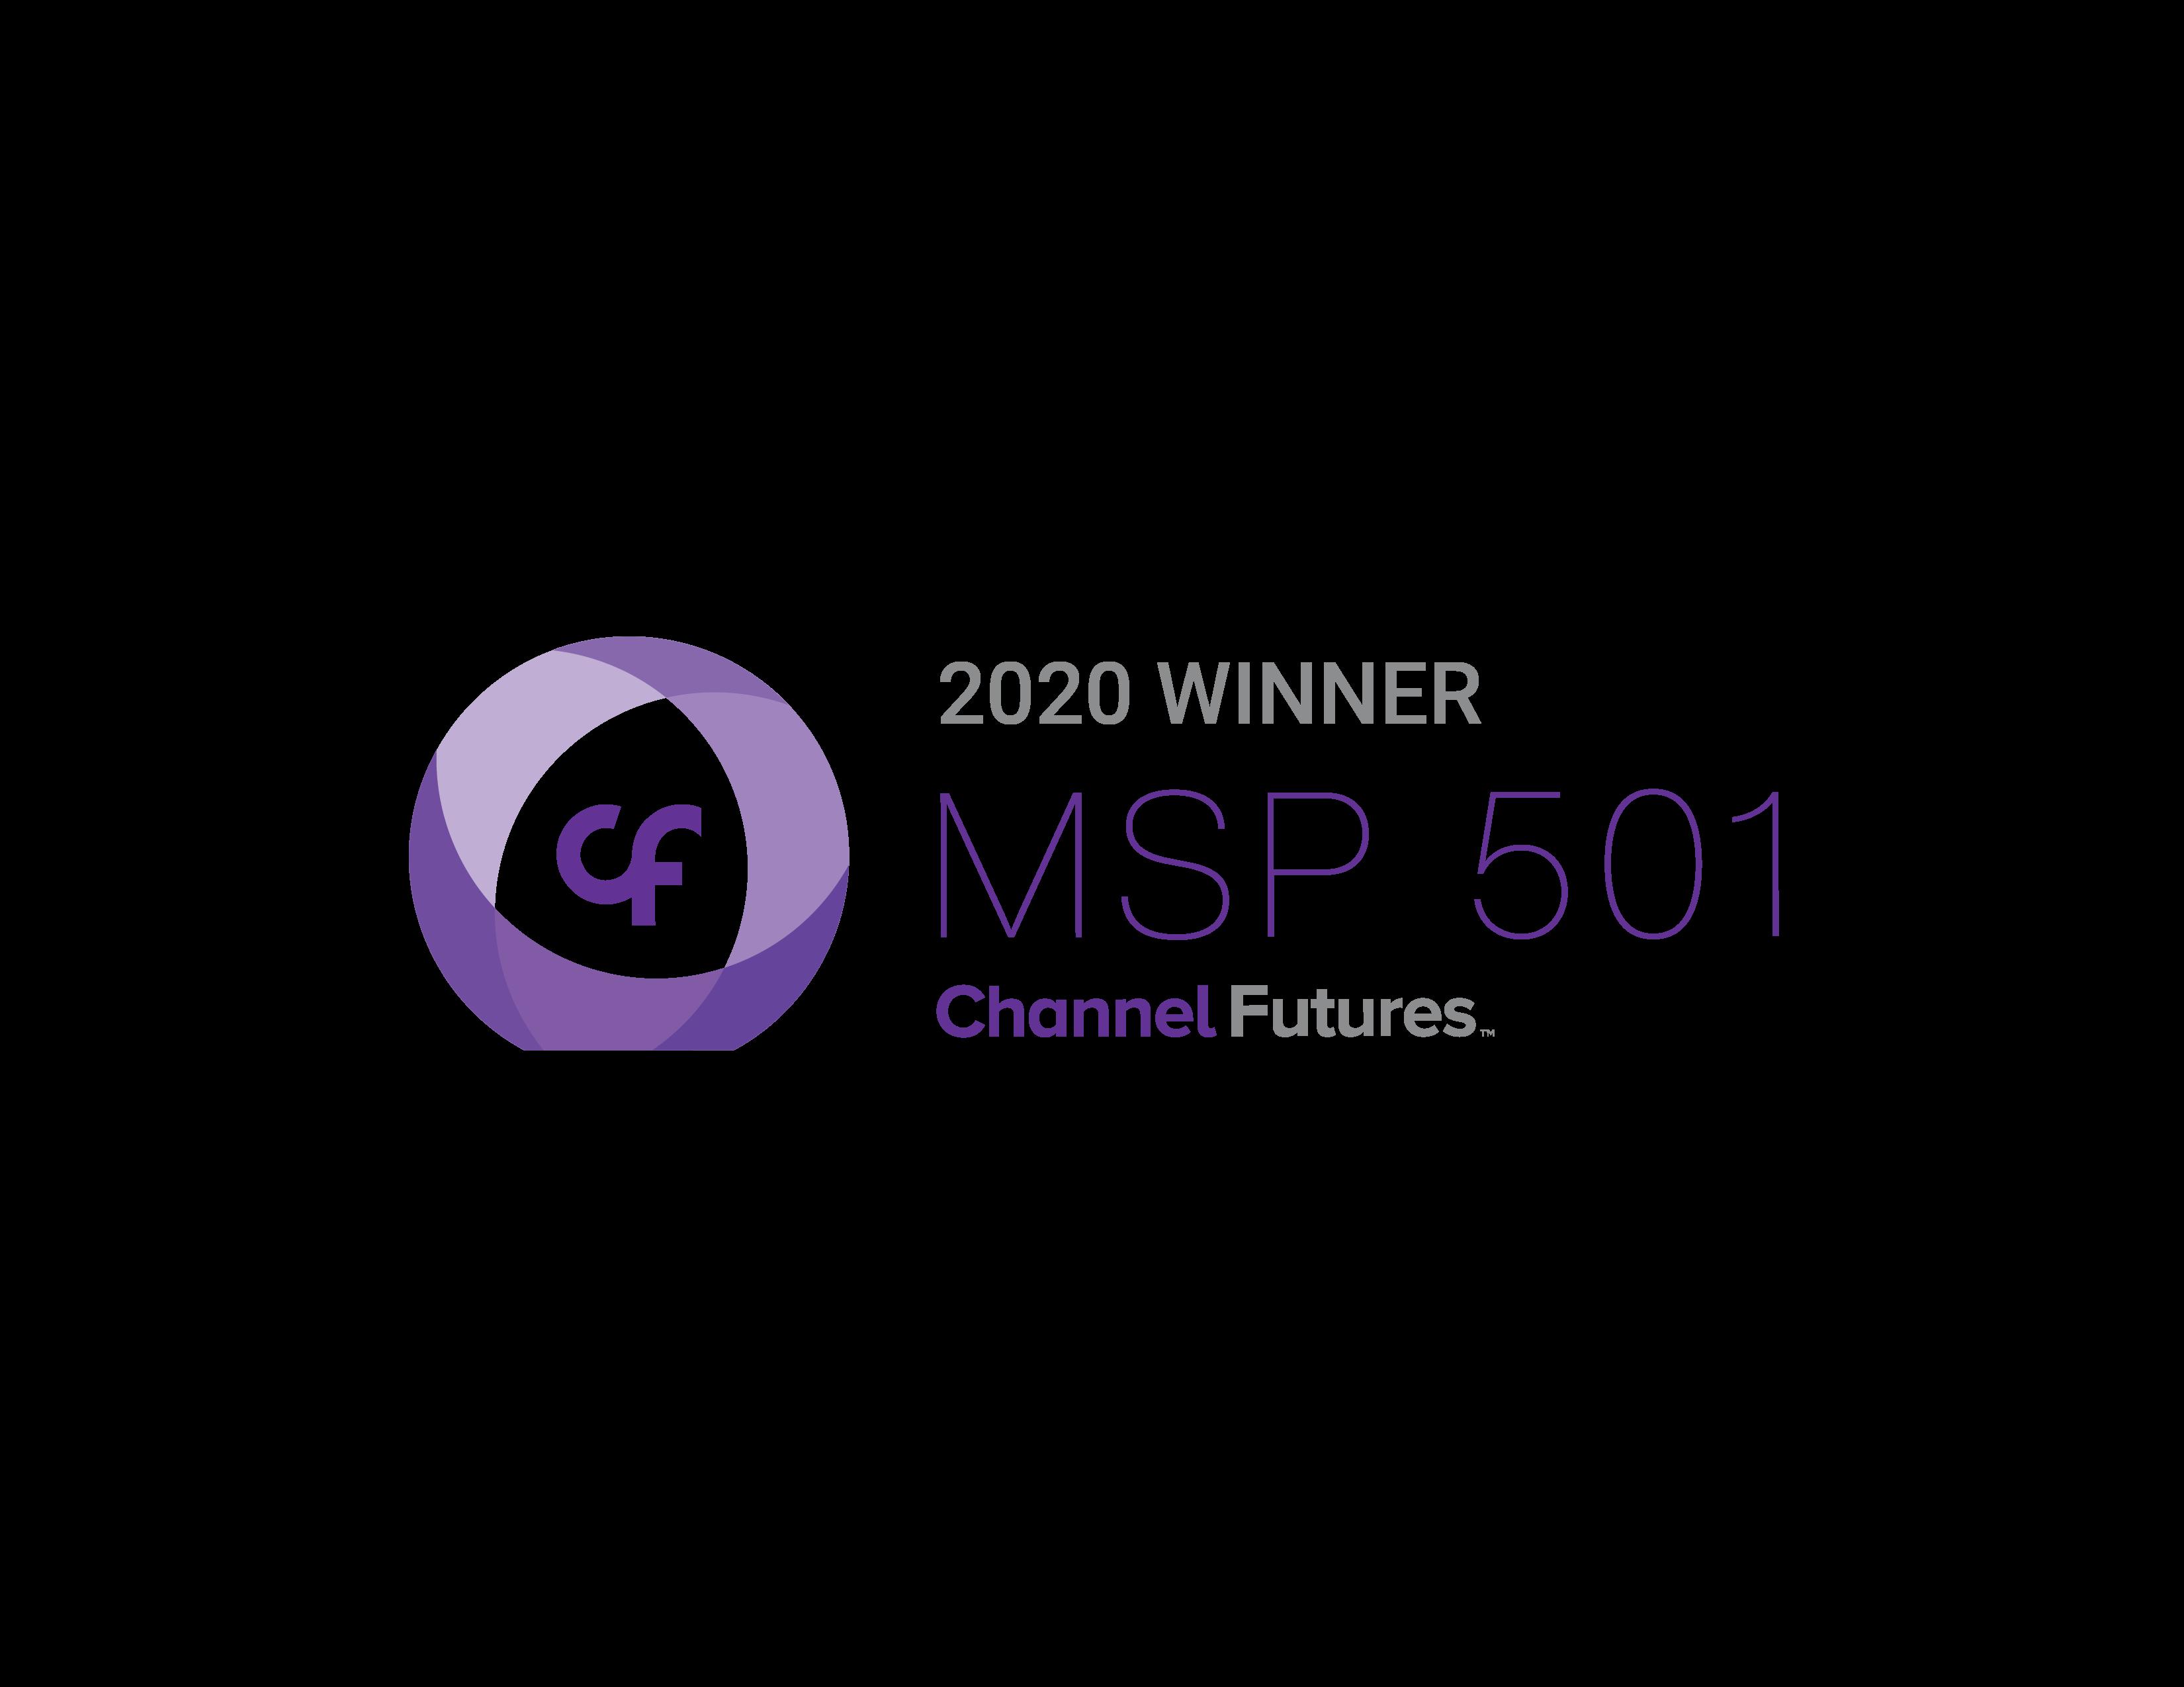 MSP 501 finalist